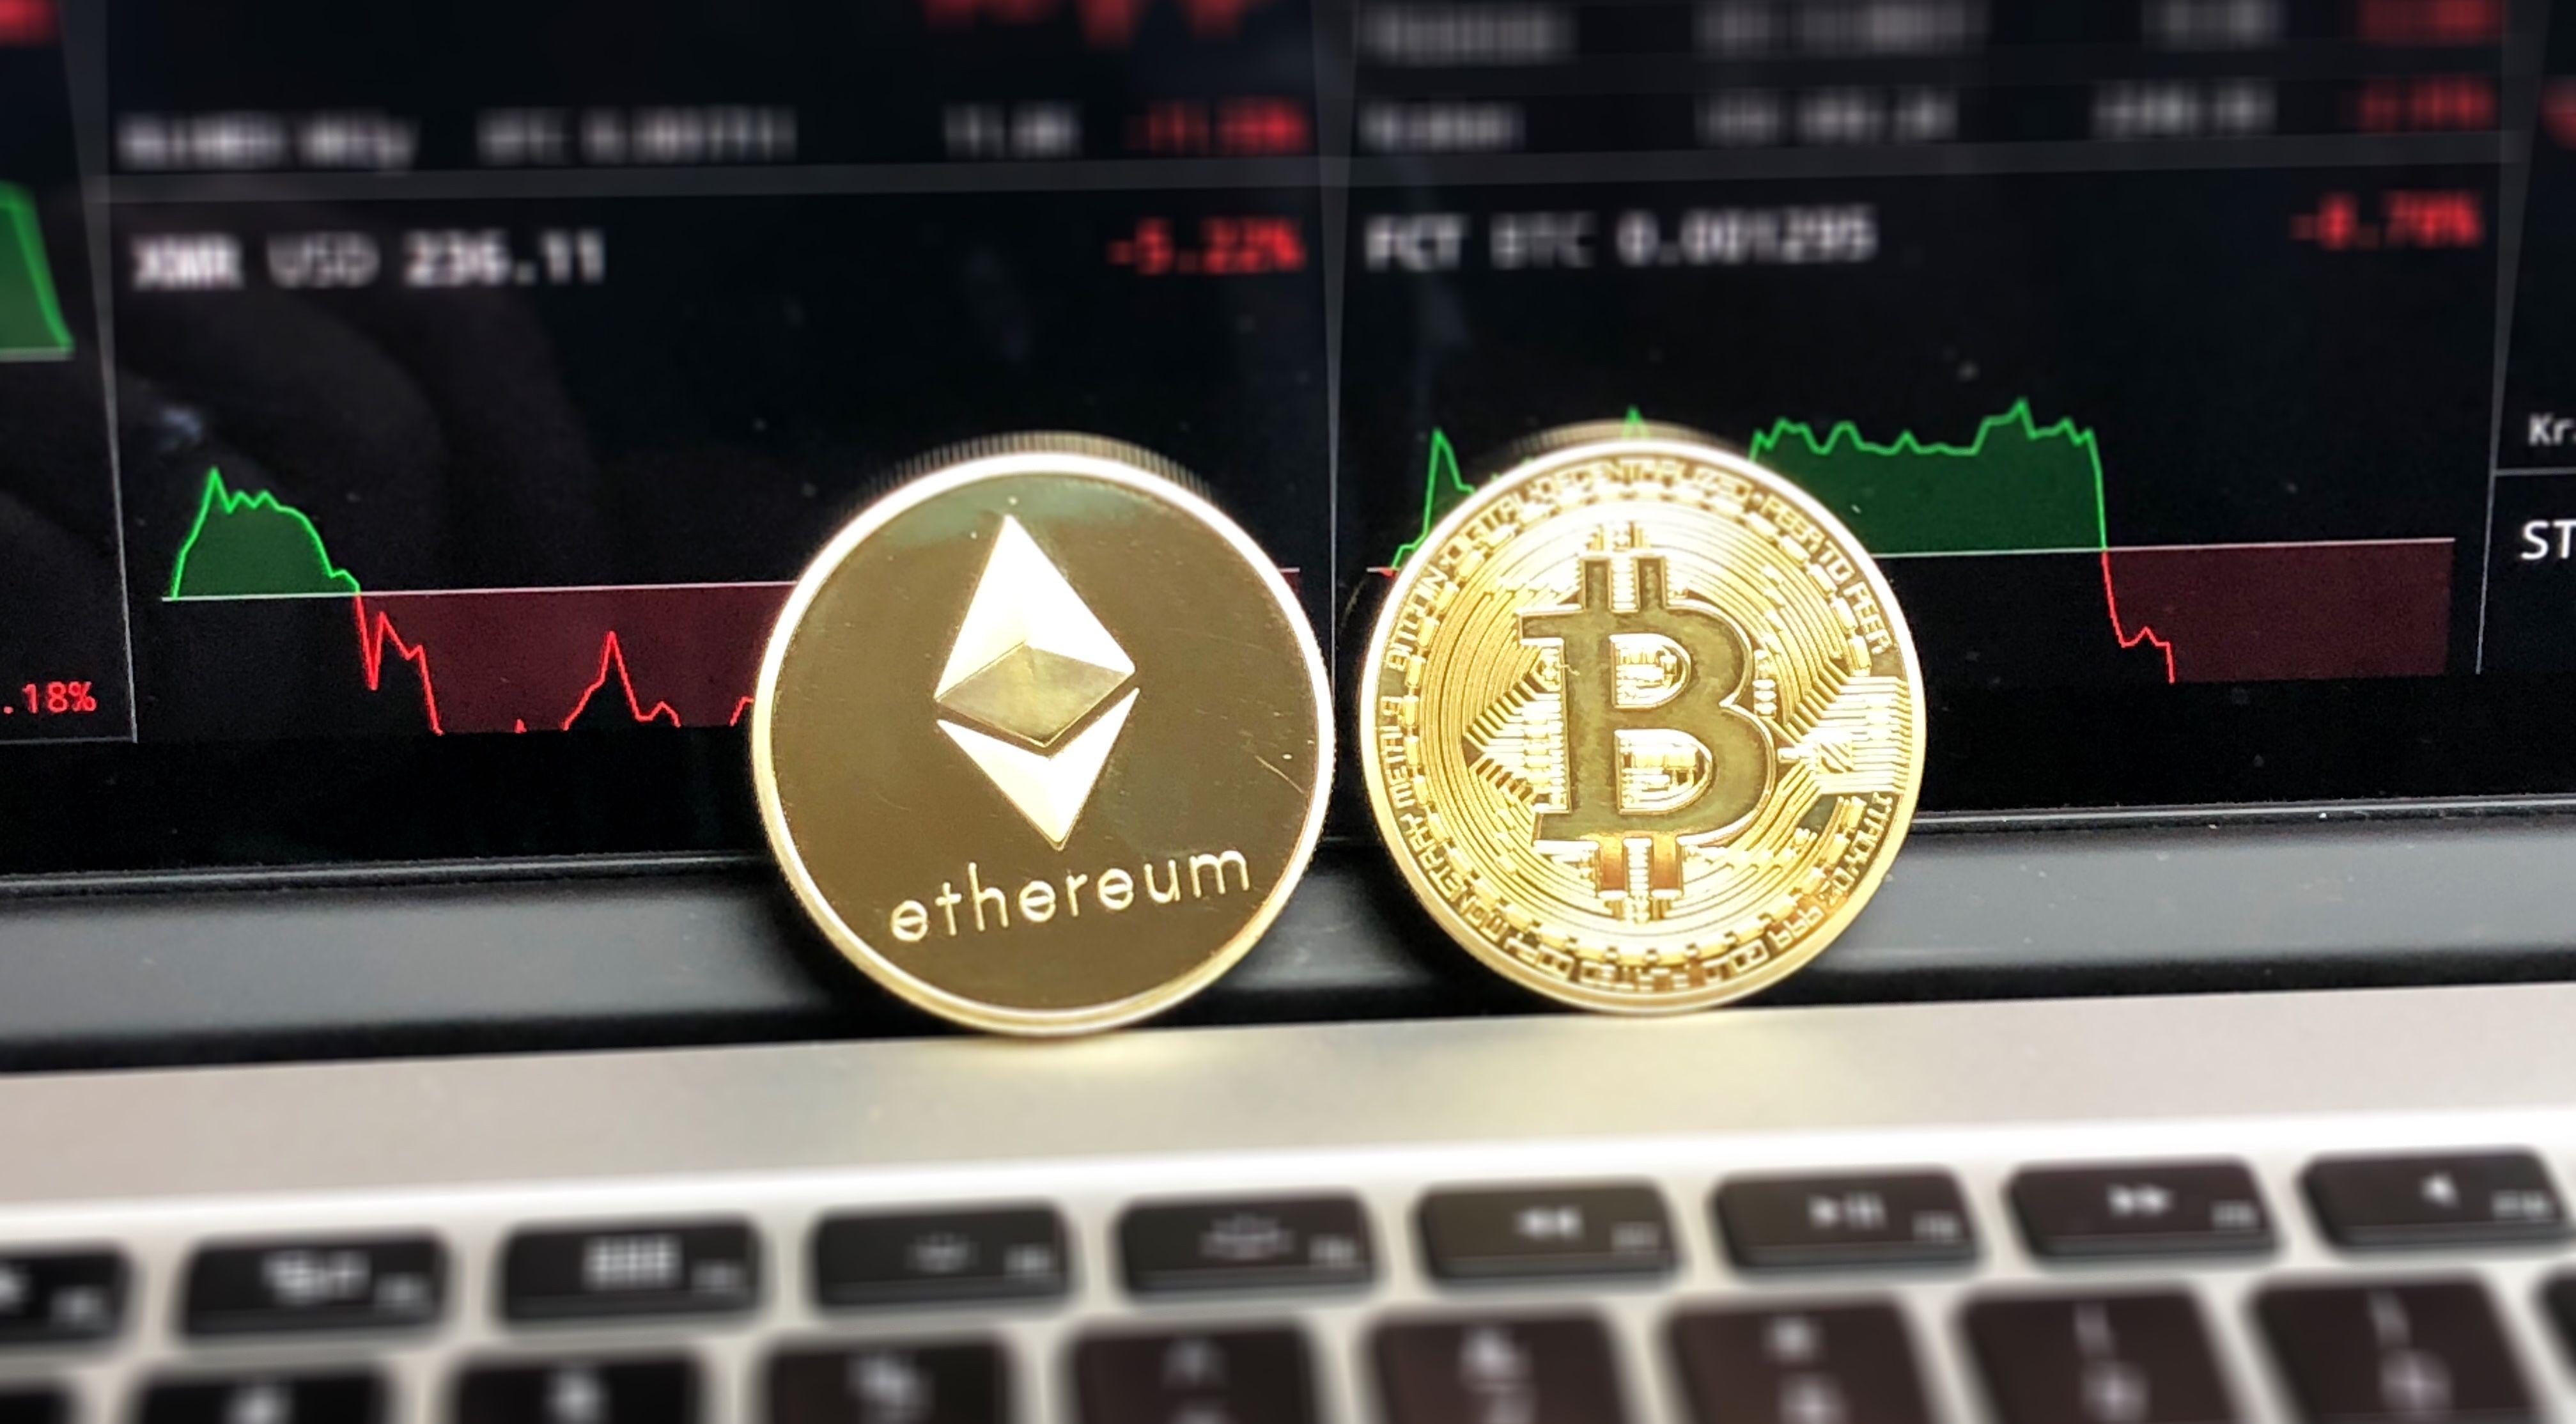 Een zakcentje bijverdienen met cryptocurrency